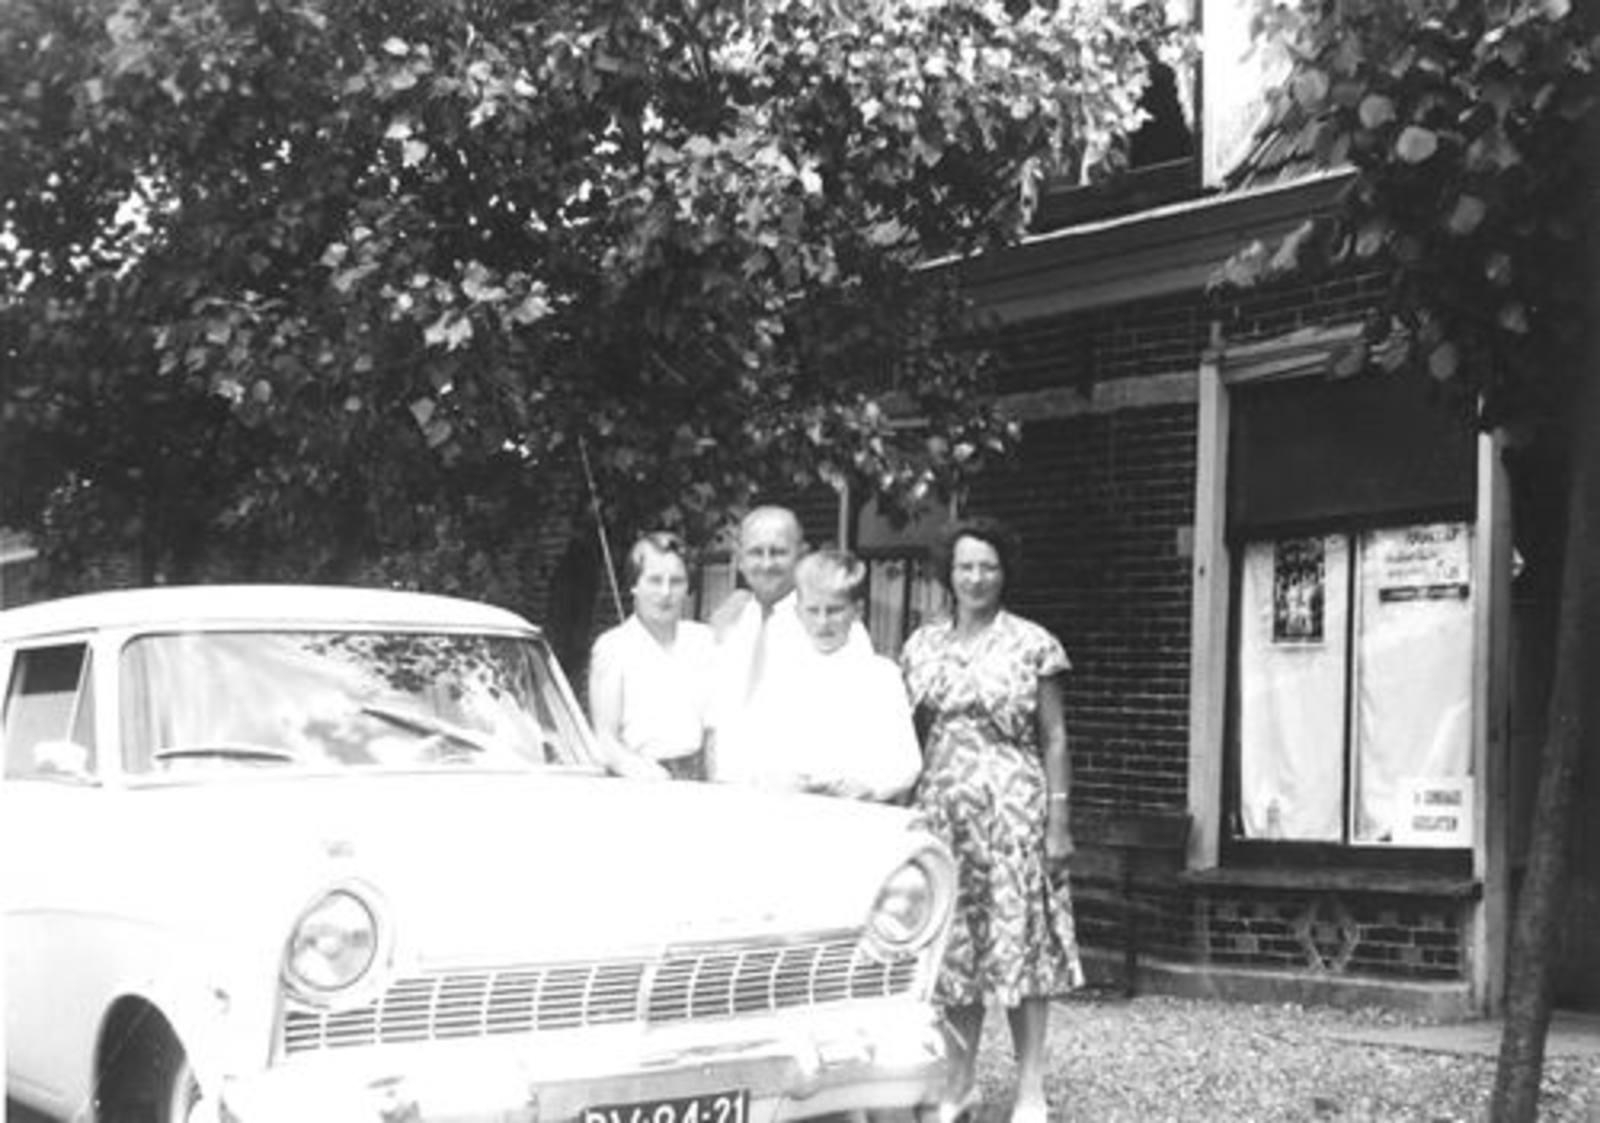 Lisserdijk 0057 1958± Bakkerij de Man